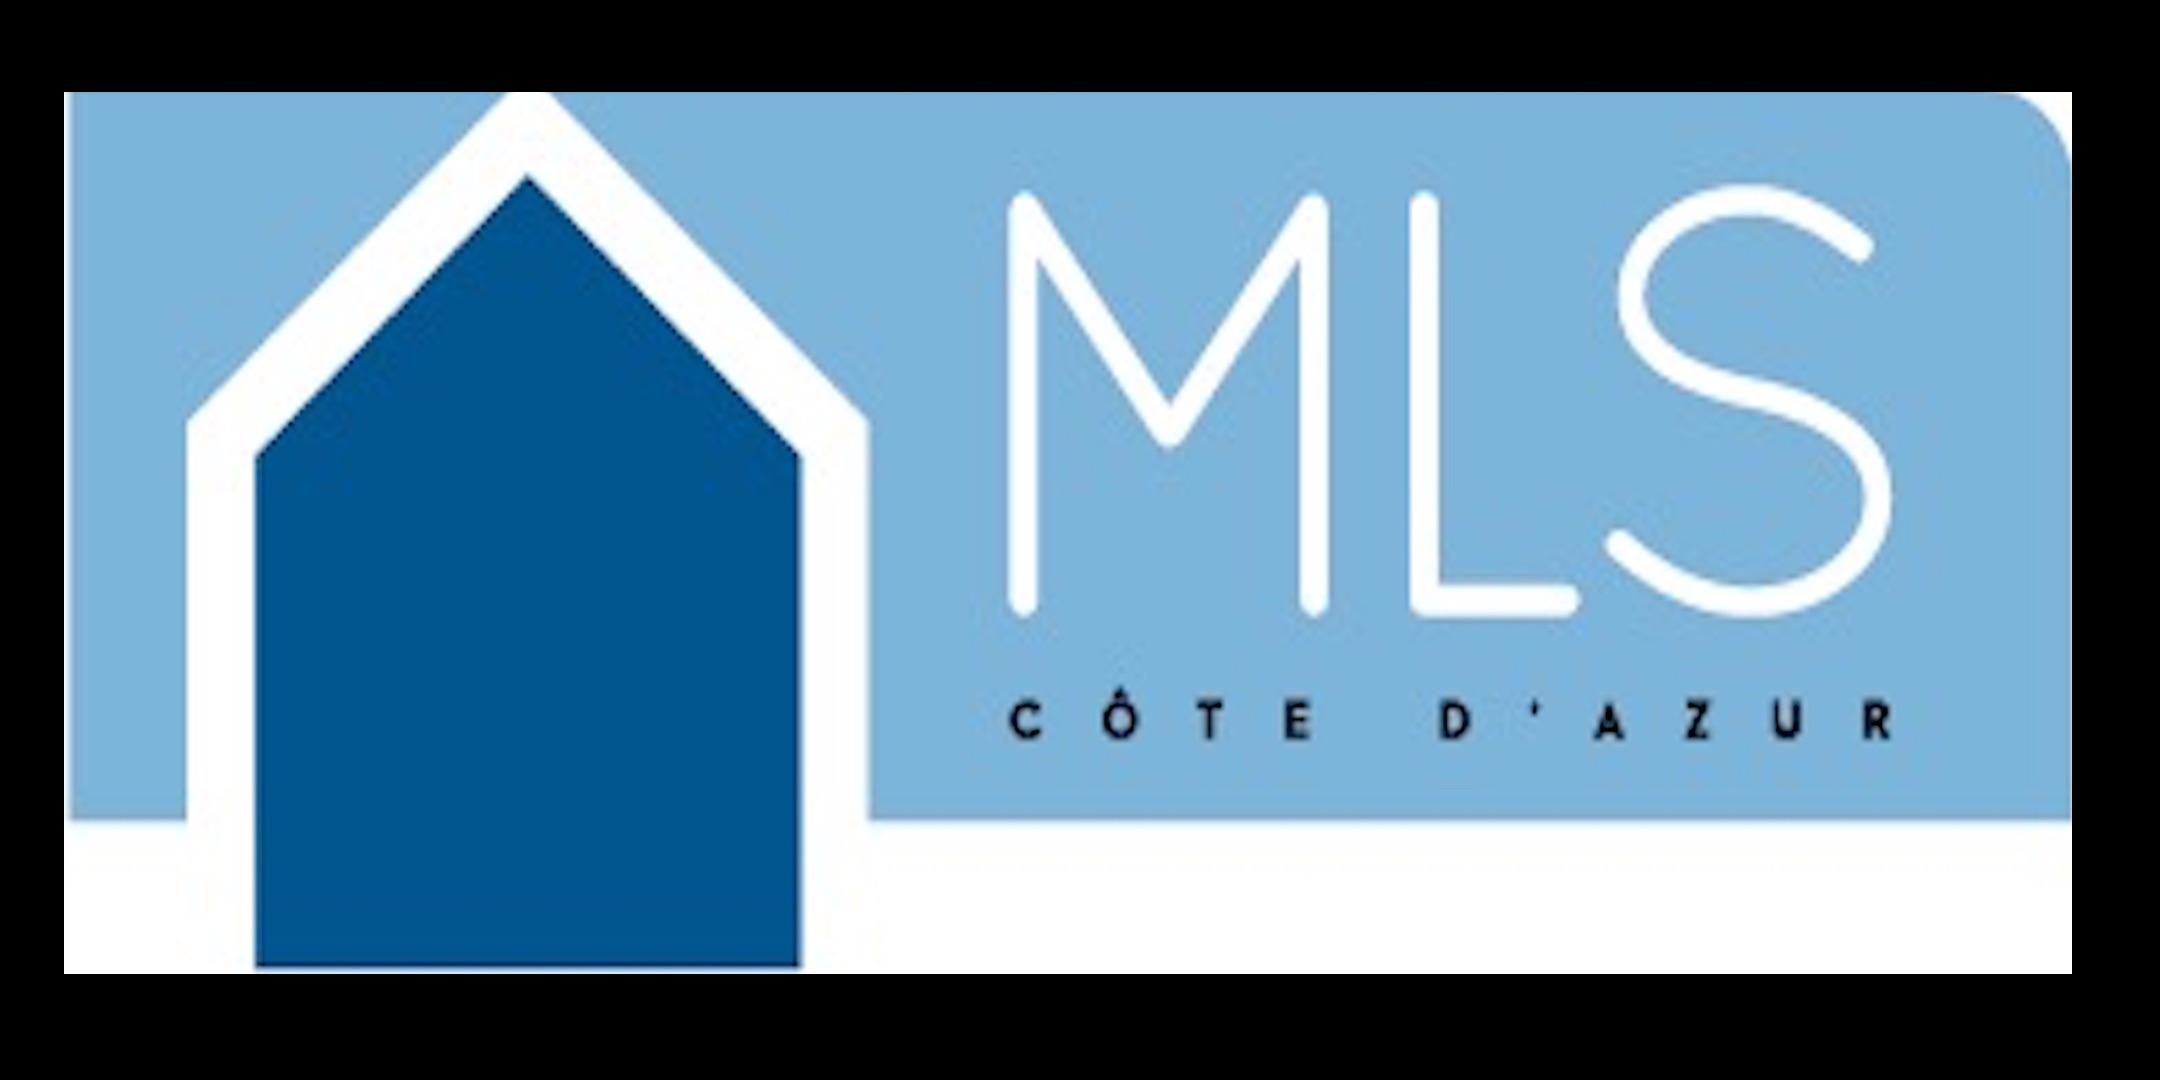 MLS Côte d'Azur